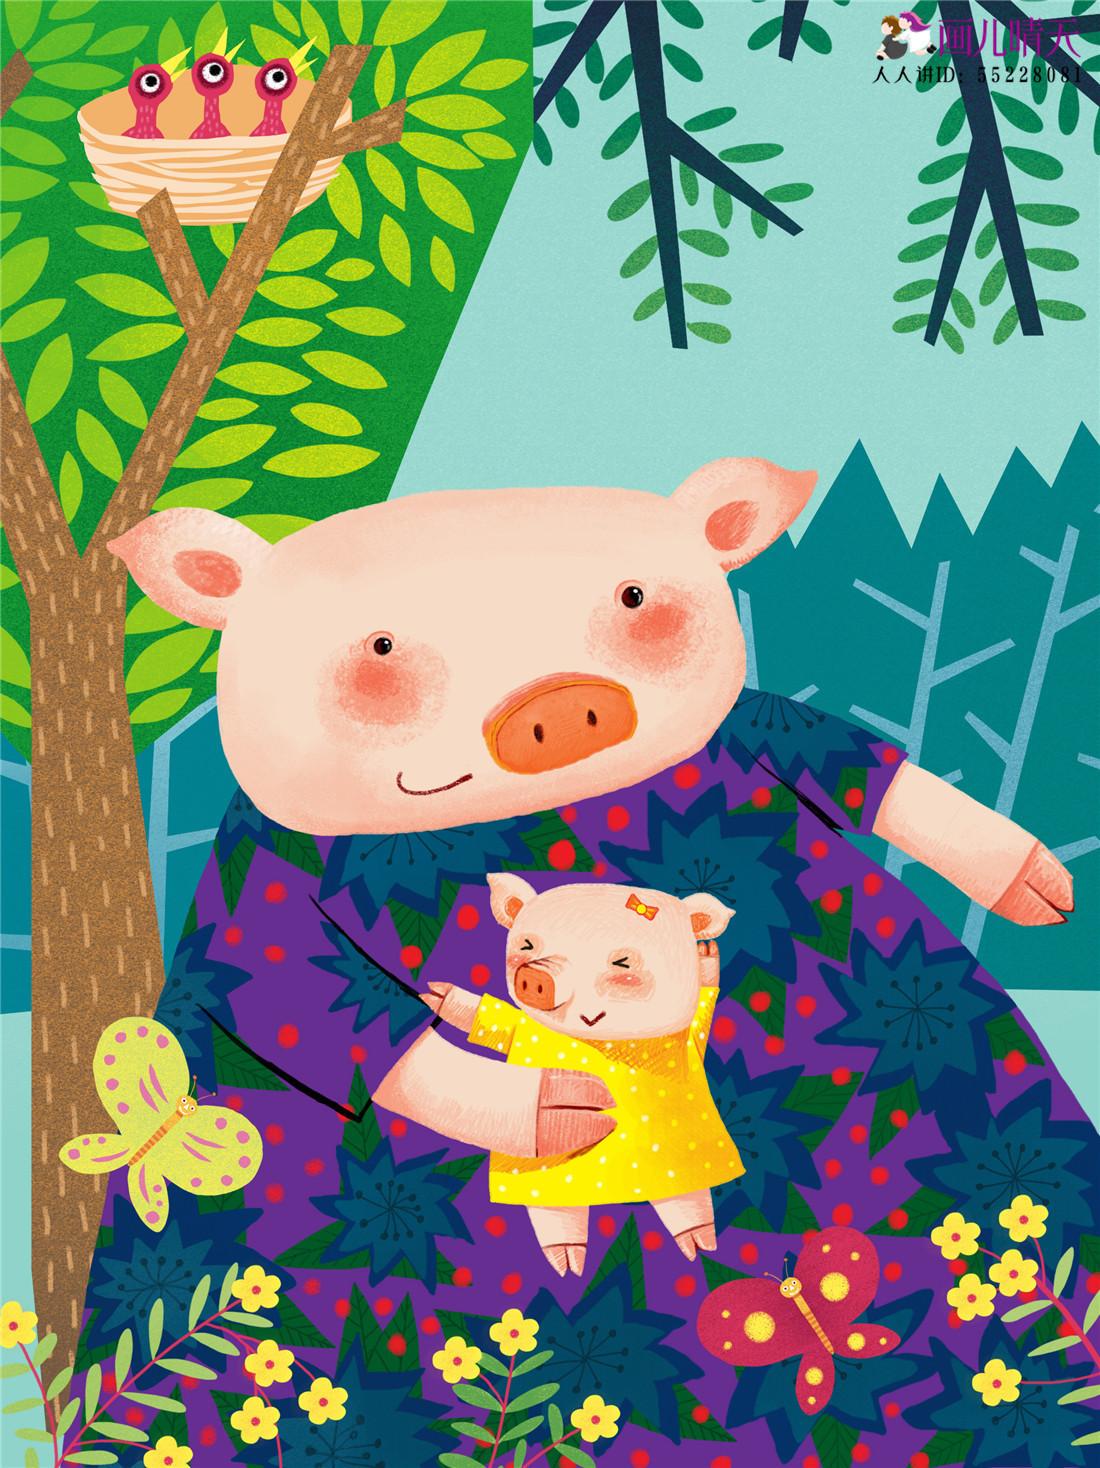 猪年插画 猪年水墨画 猪年猪猪元素作品图片